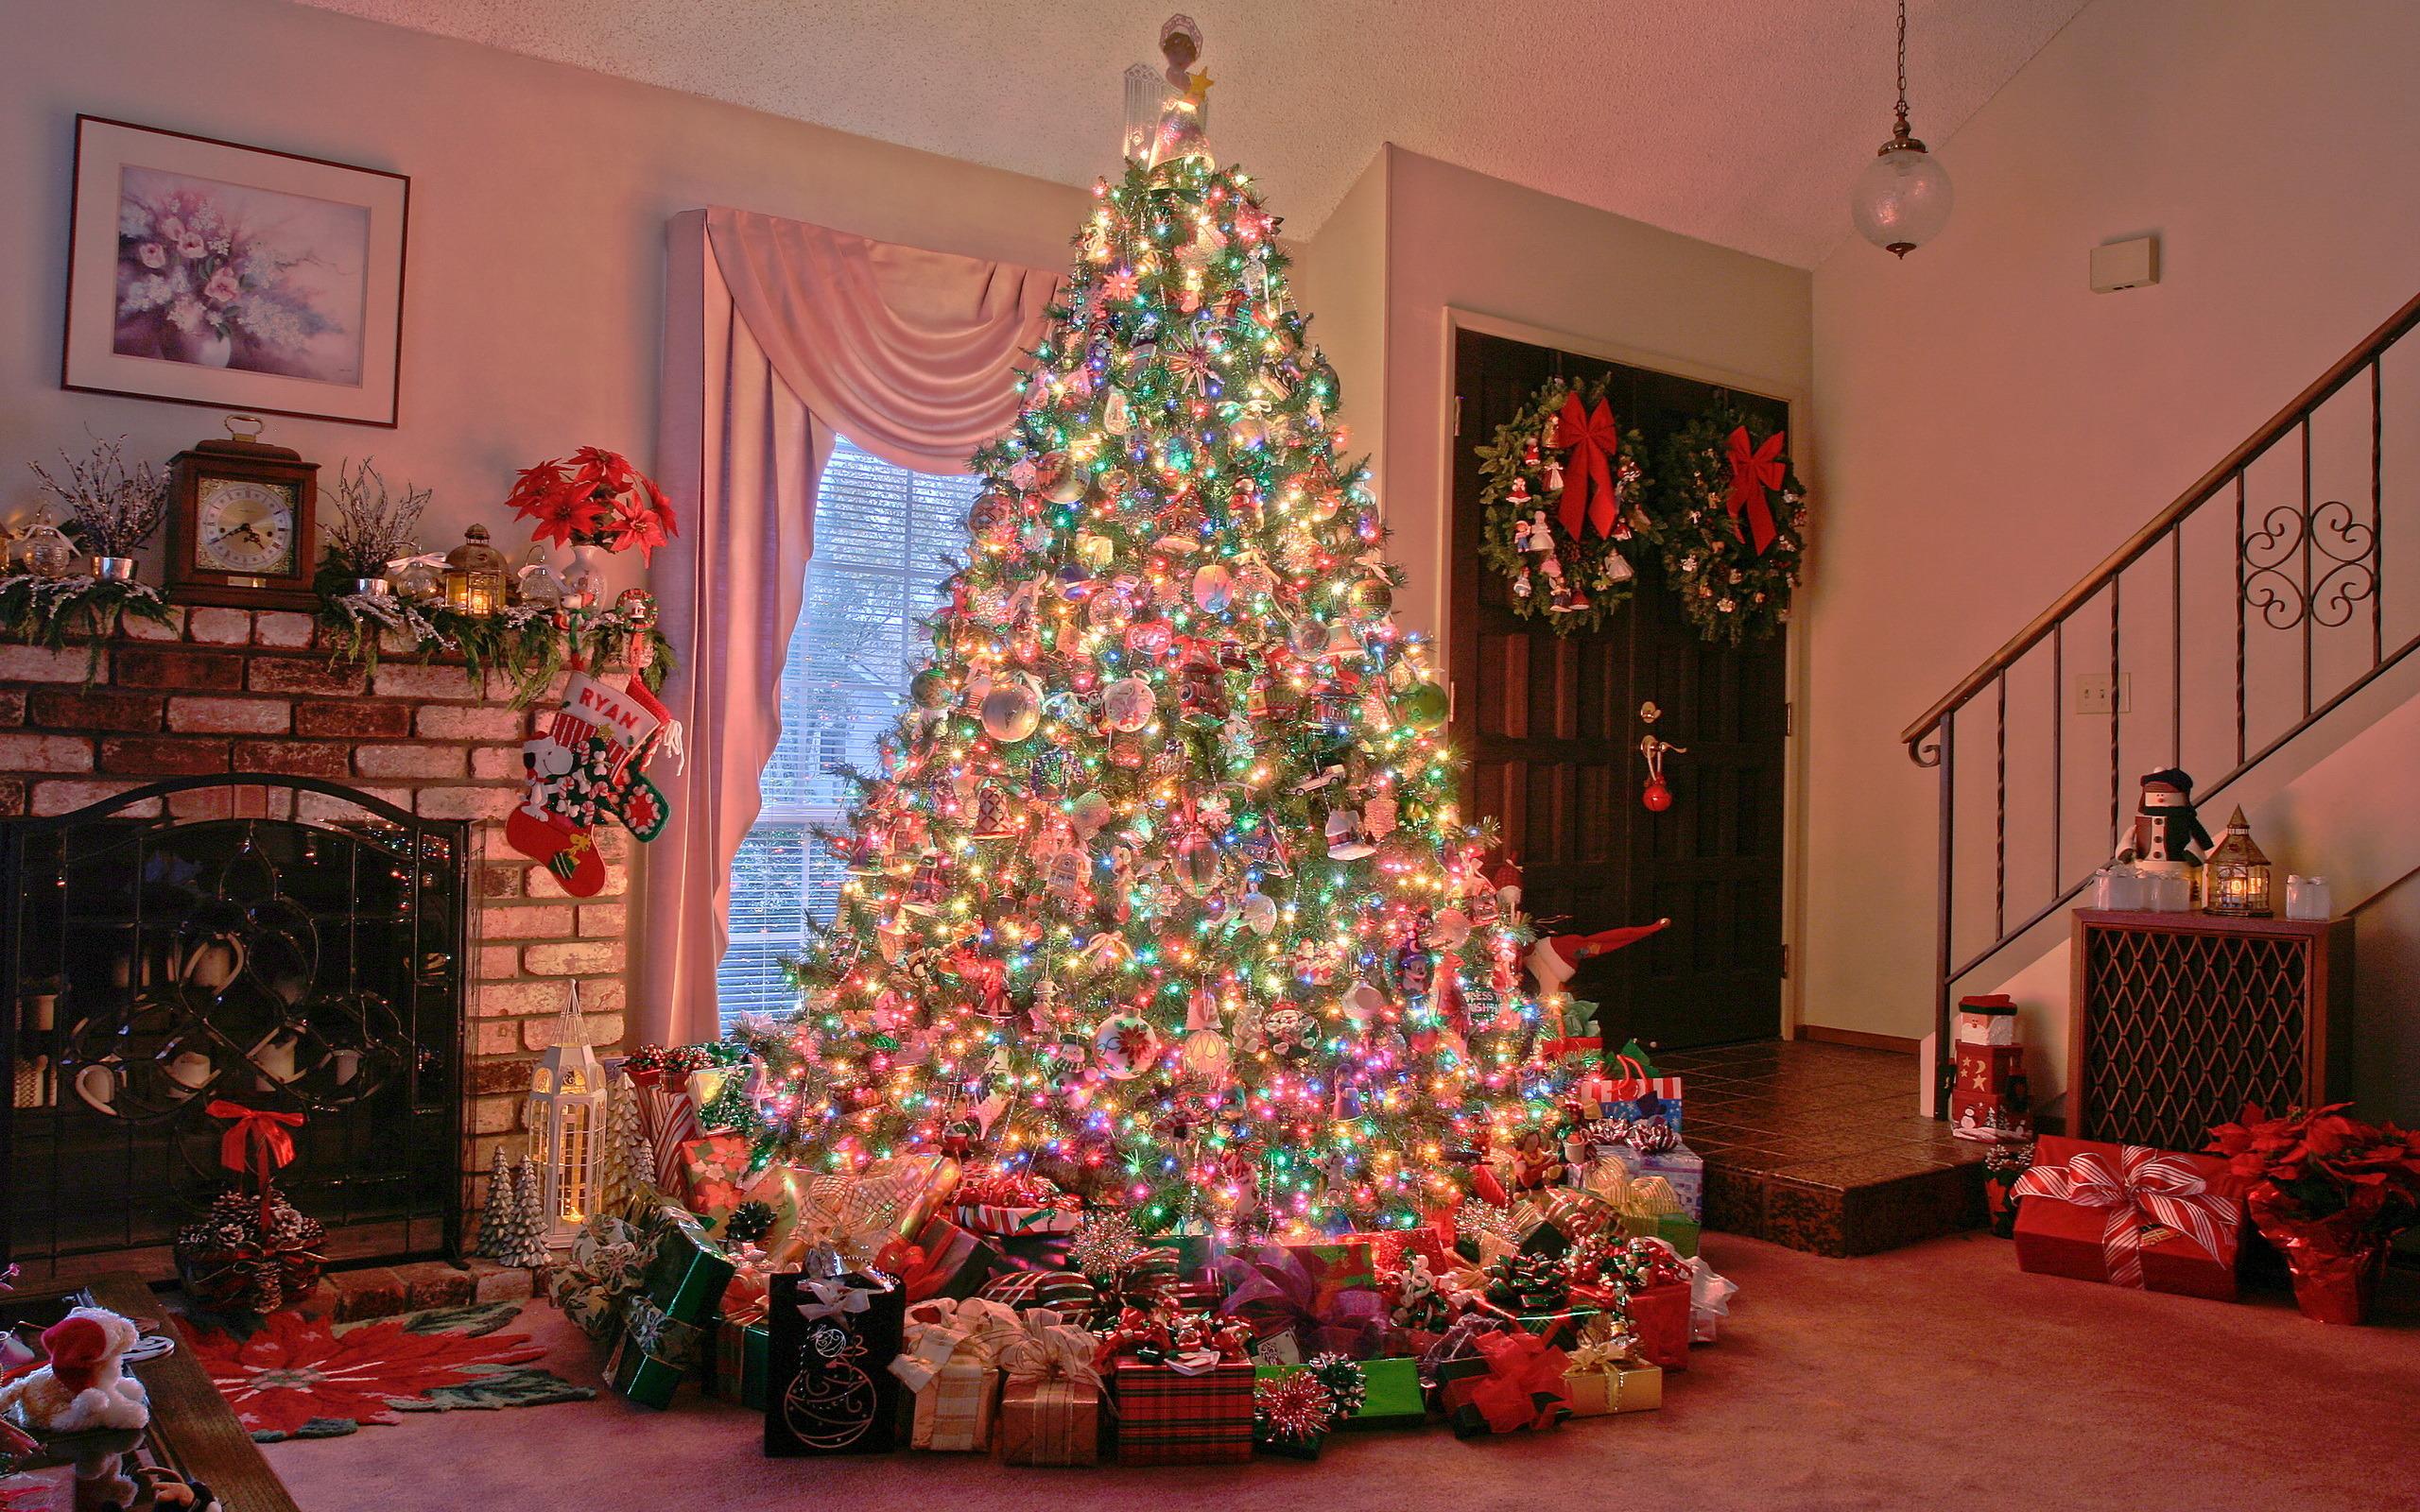 они для фото красивой новогодней елочки смотреть отец, князь